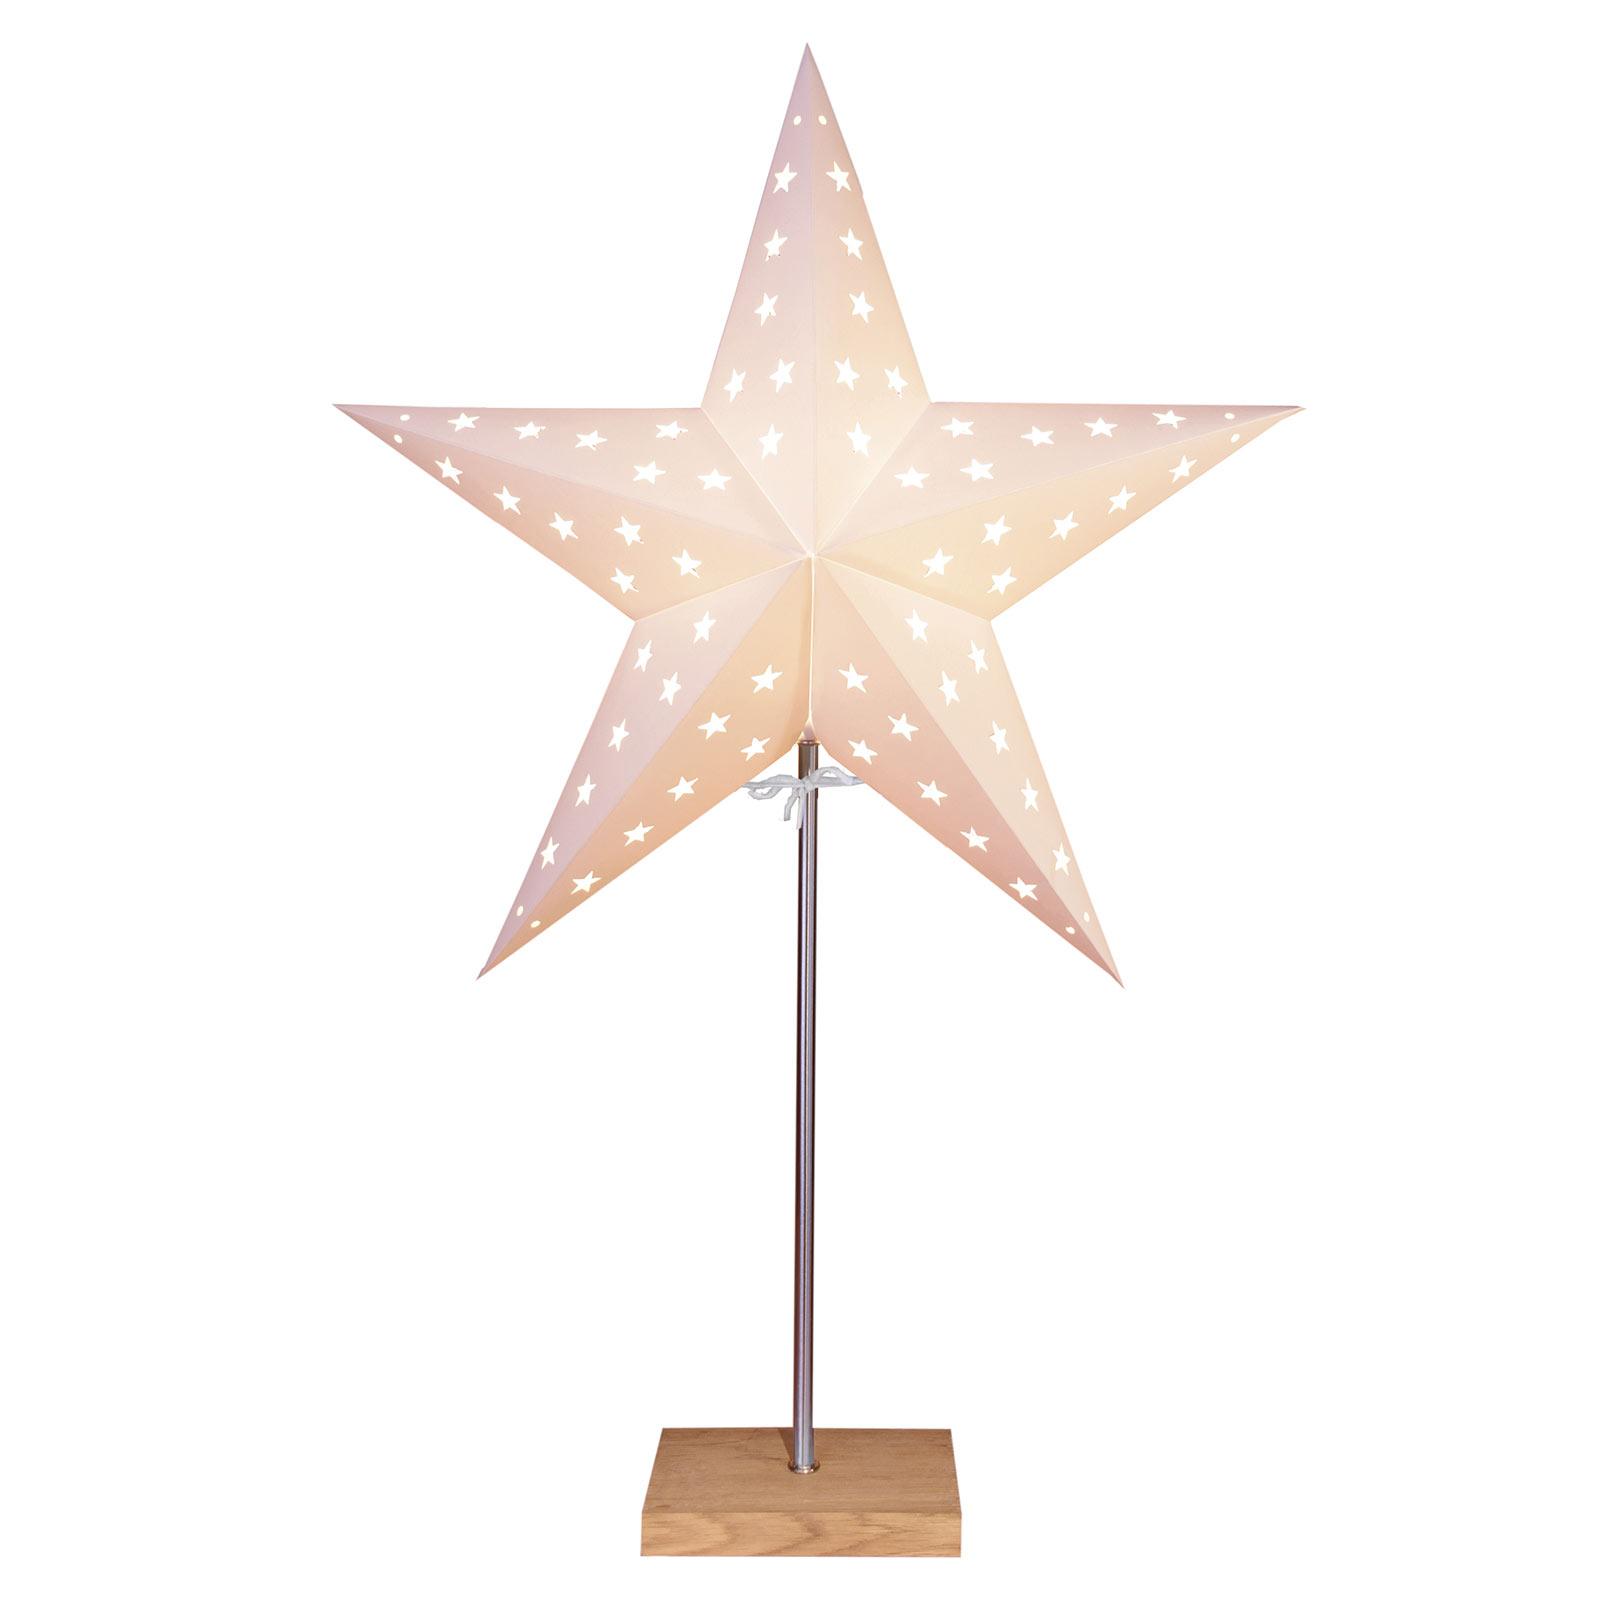 Standstern Leo mit Sternenmuster, weiß/eiche